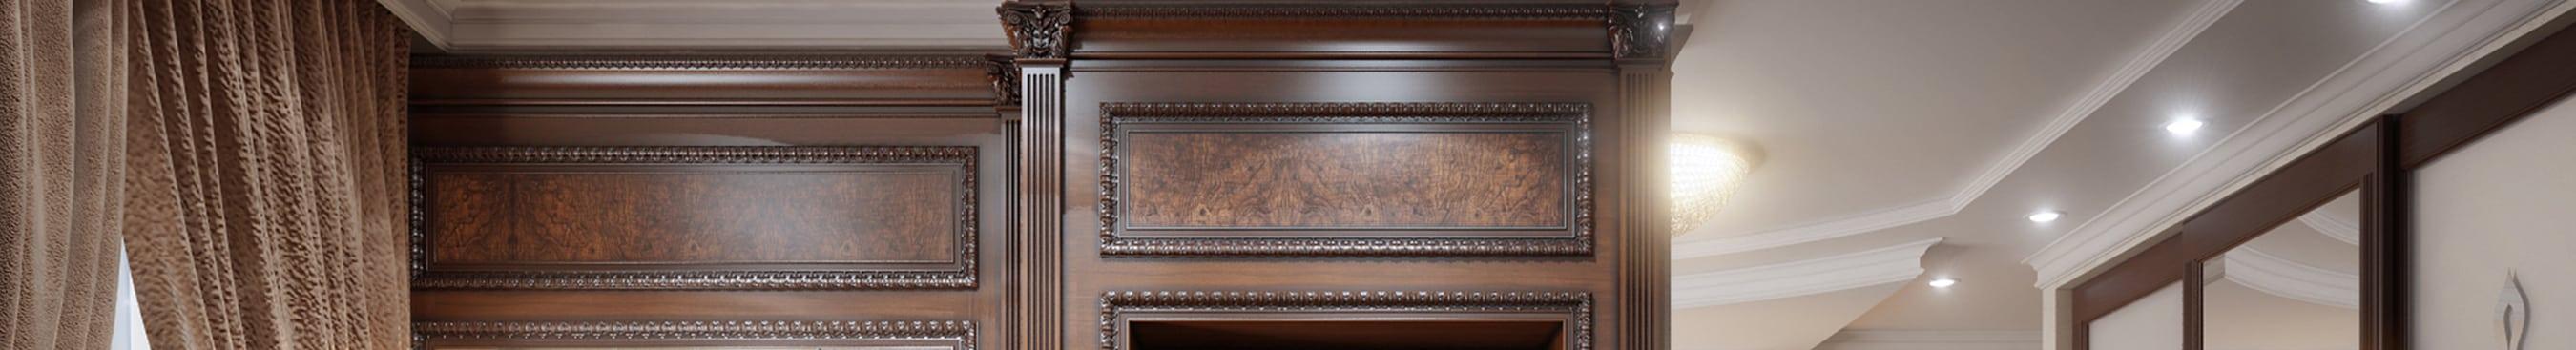 mahogany-office